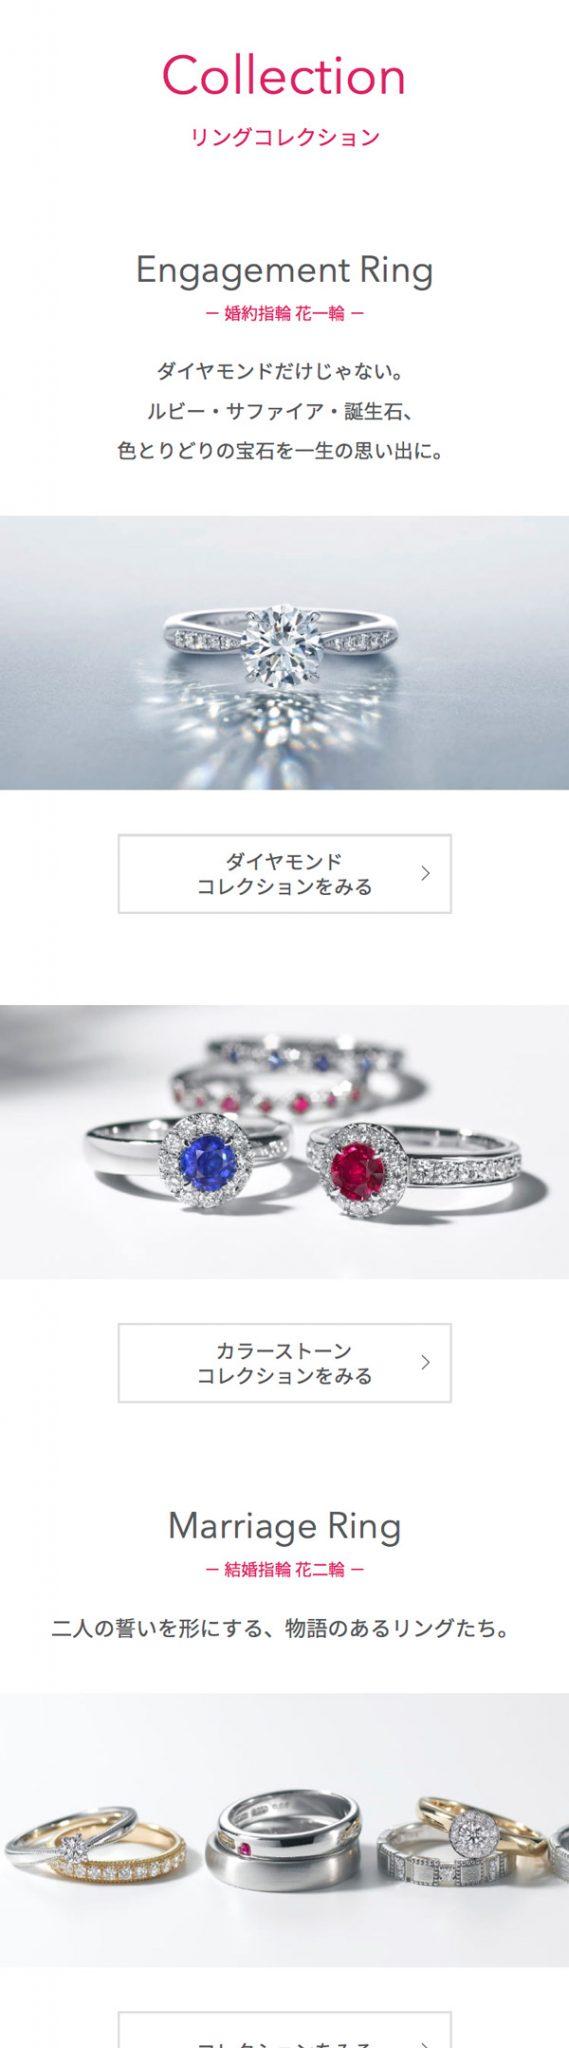 icharoi(イサロイ)ブランドサイト リニューアル